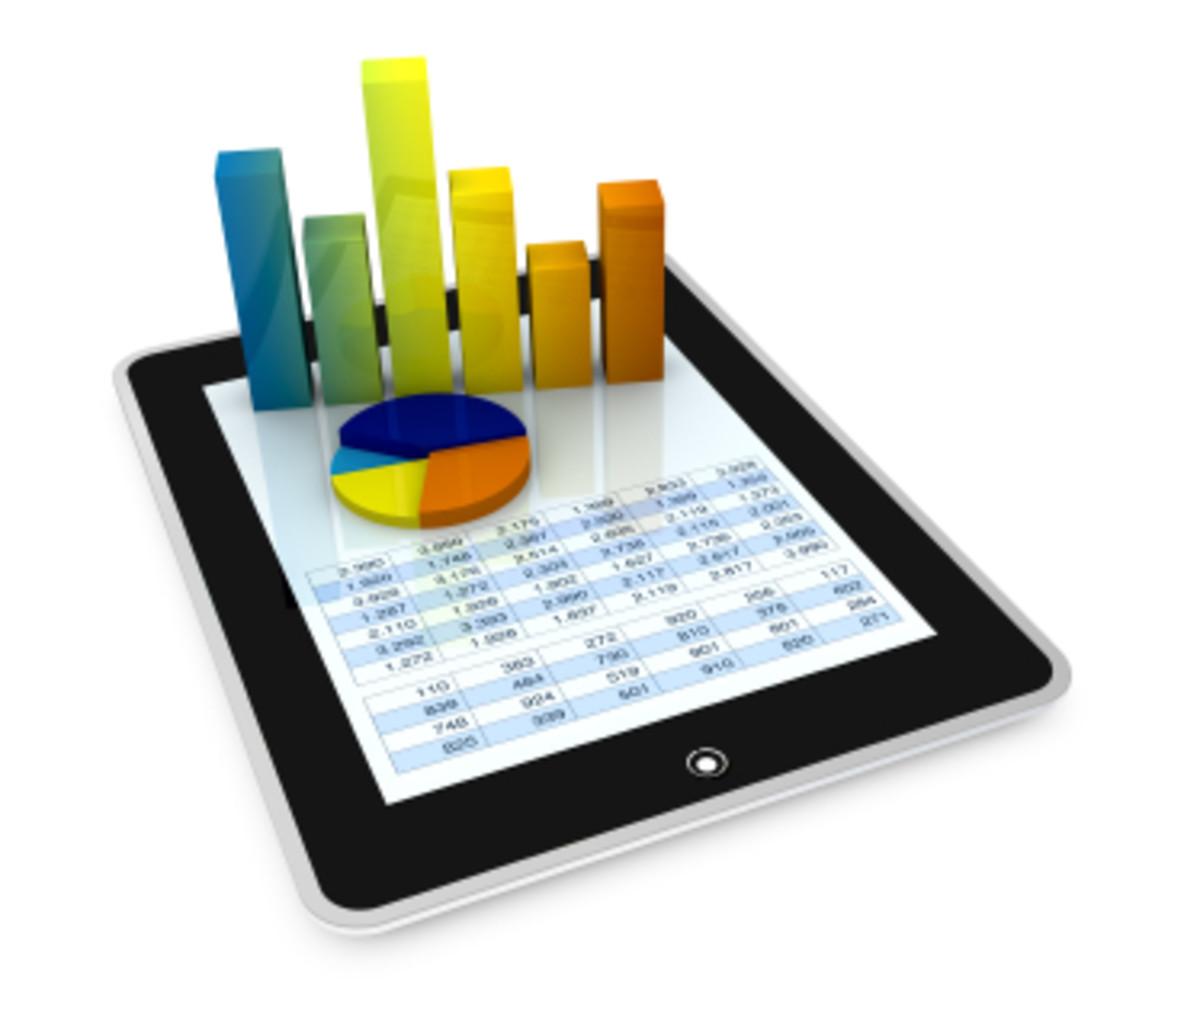 Measuring Blogging Success